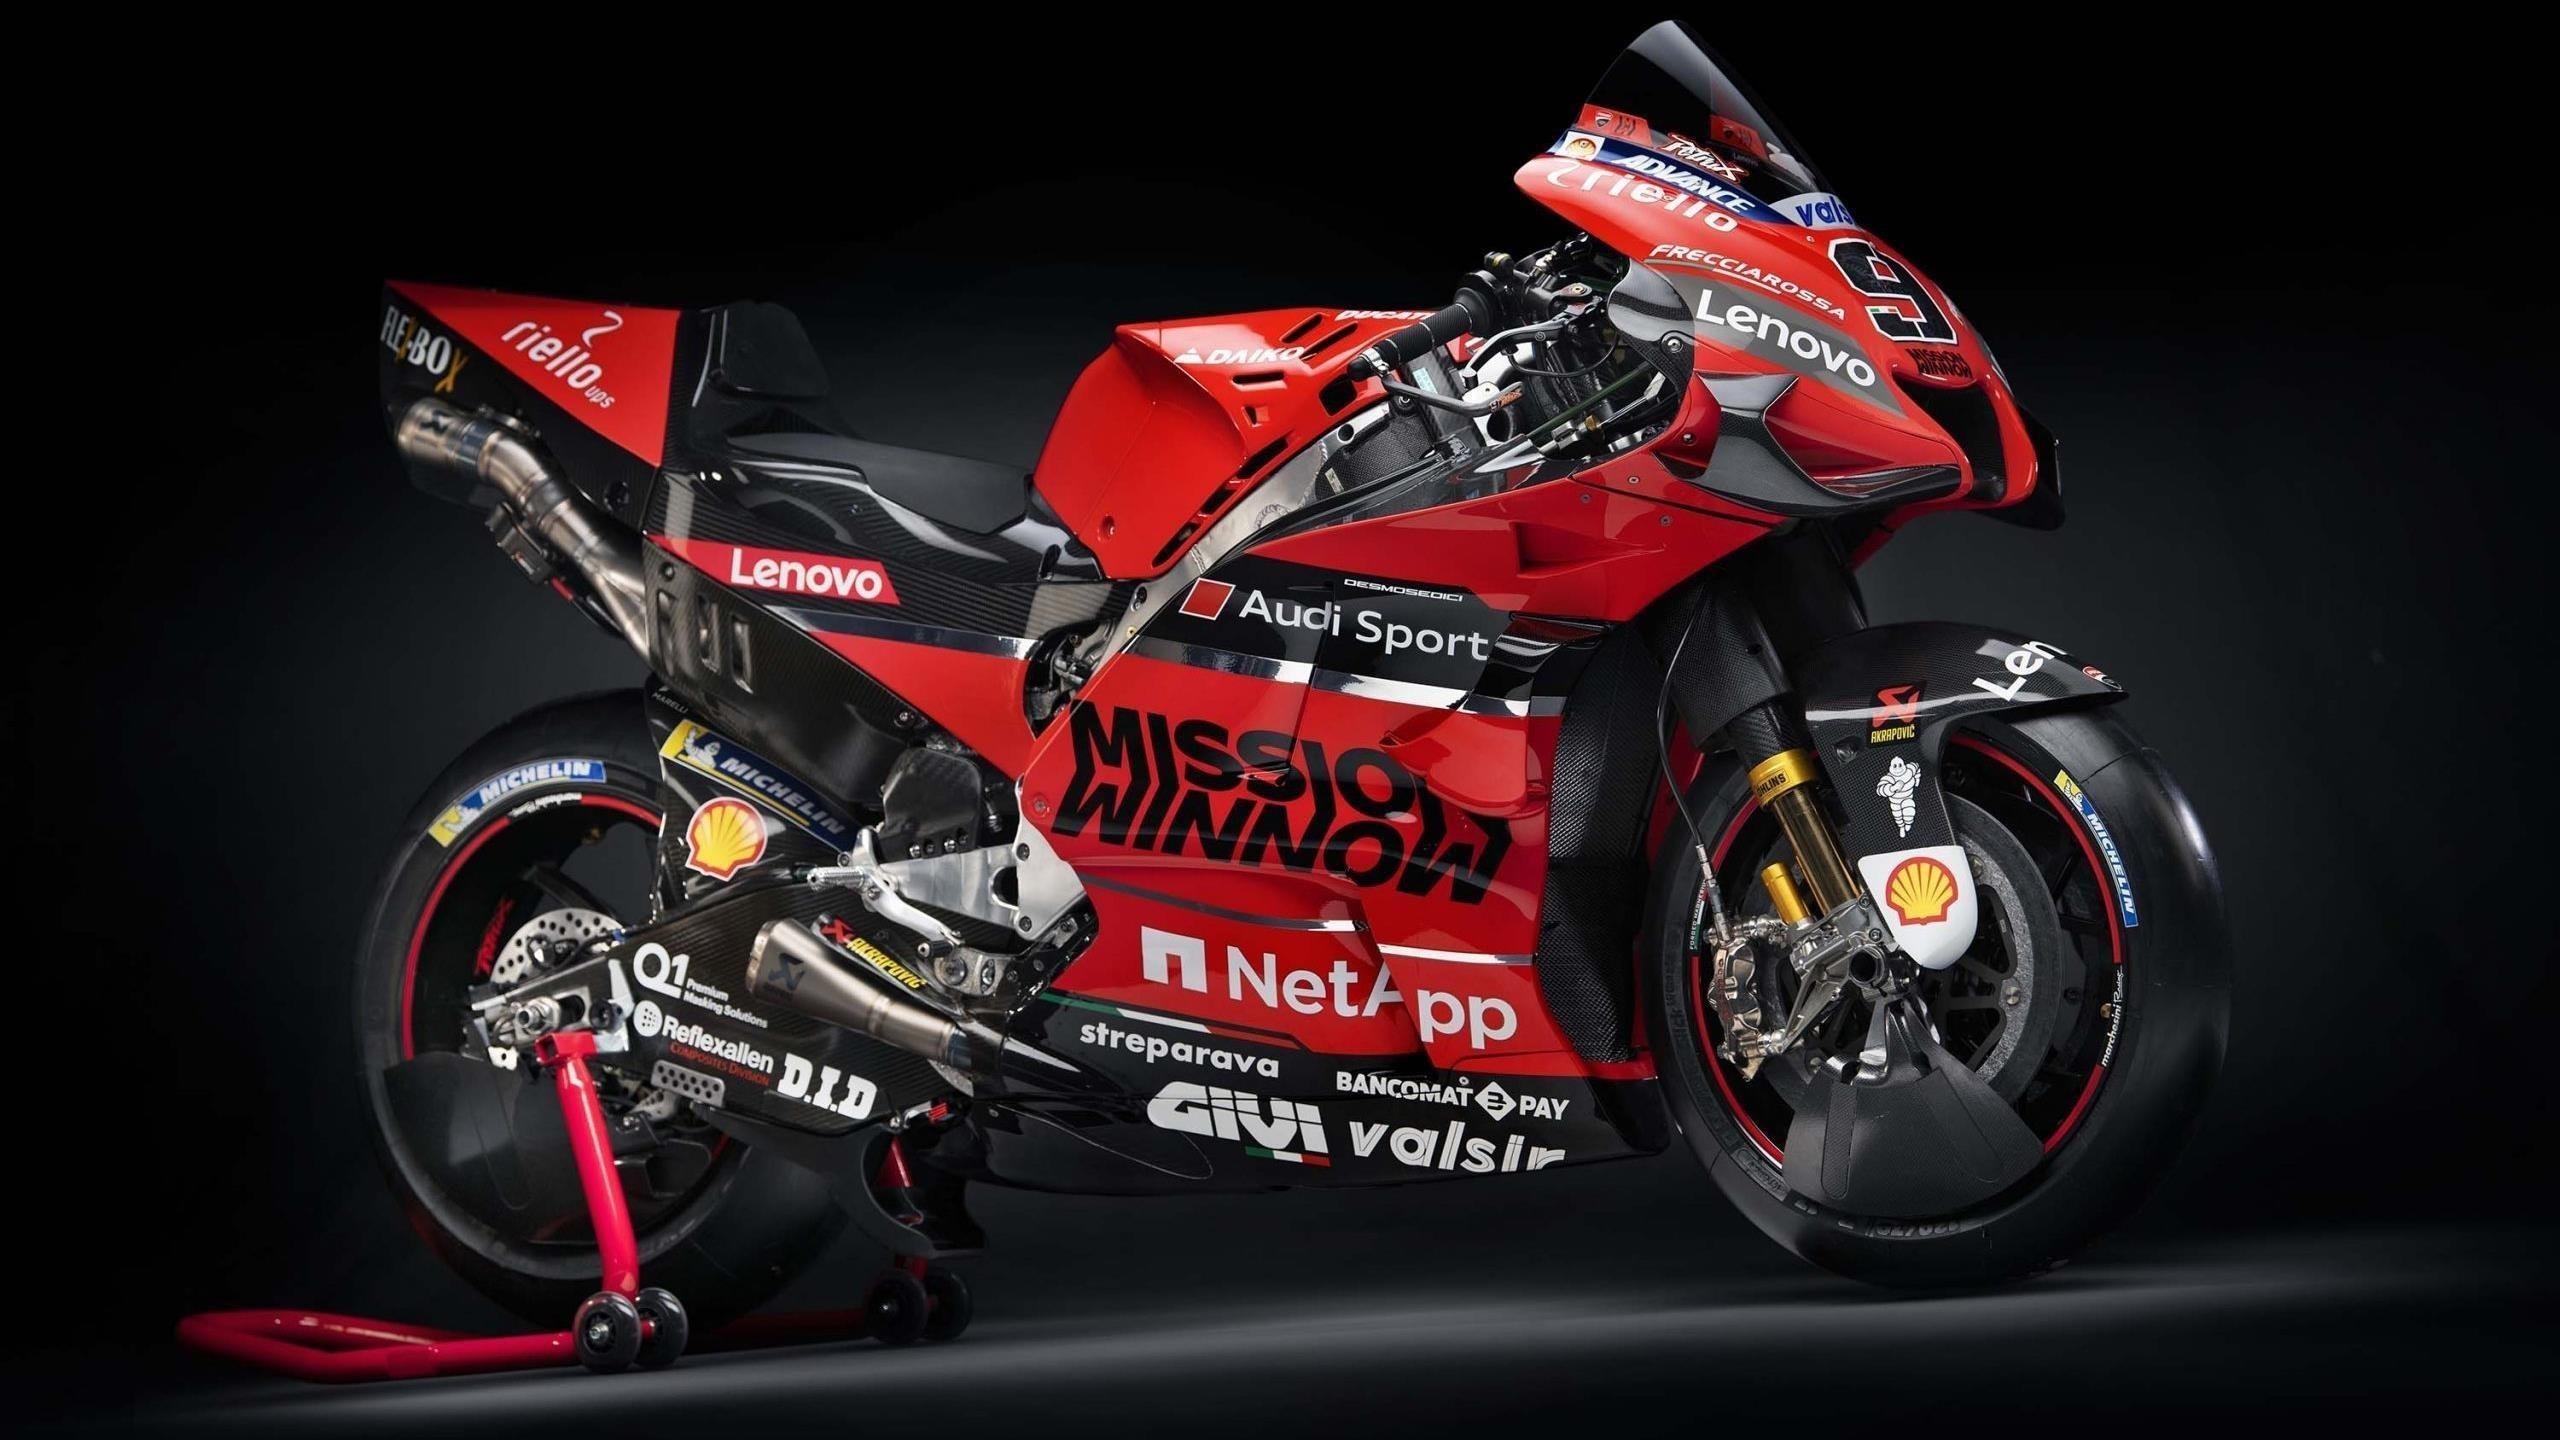 Ducati desmosedici gp20 2020 обои скачать